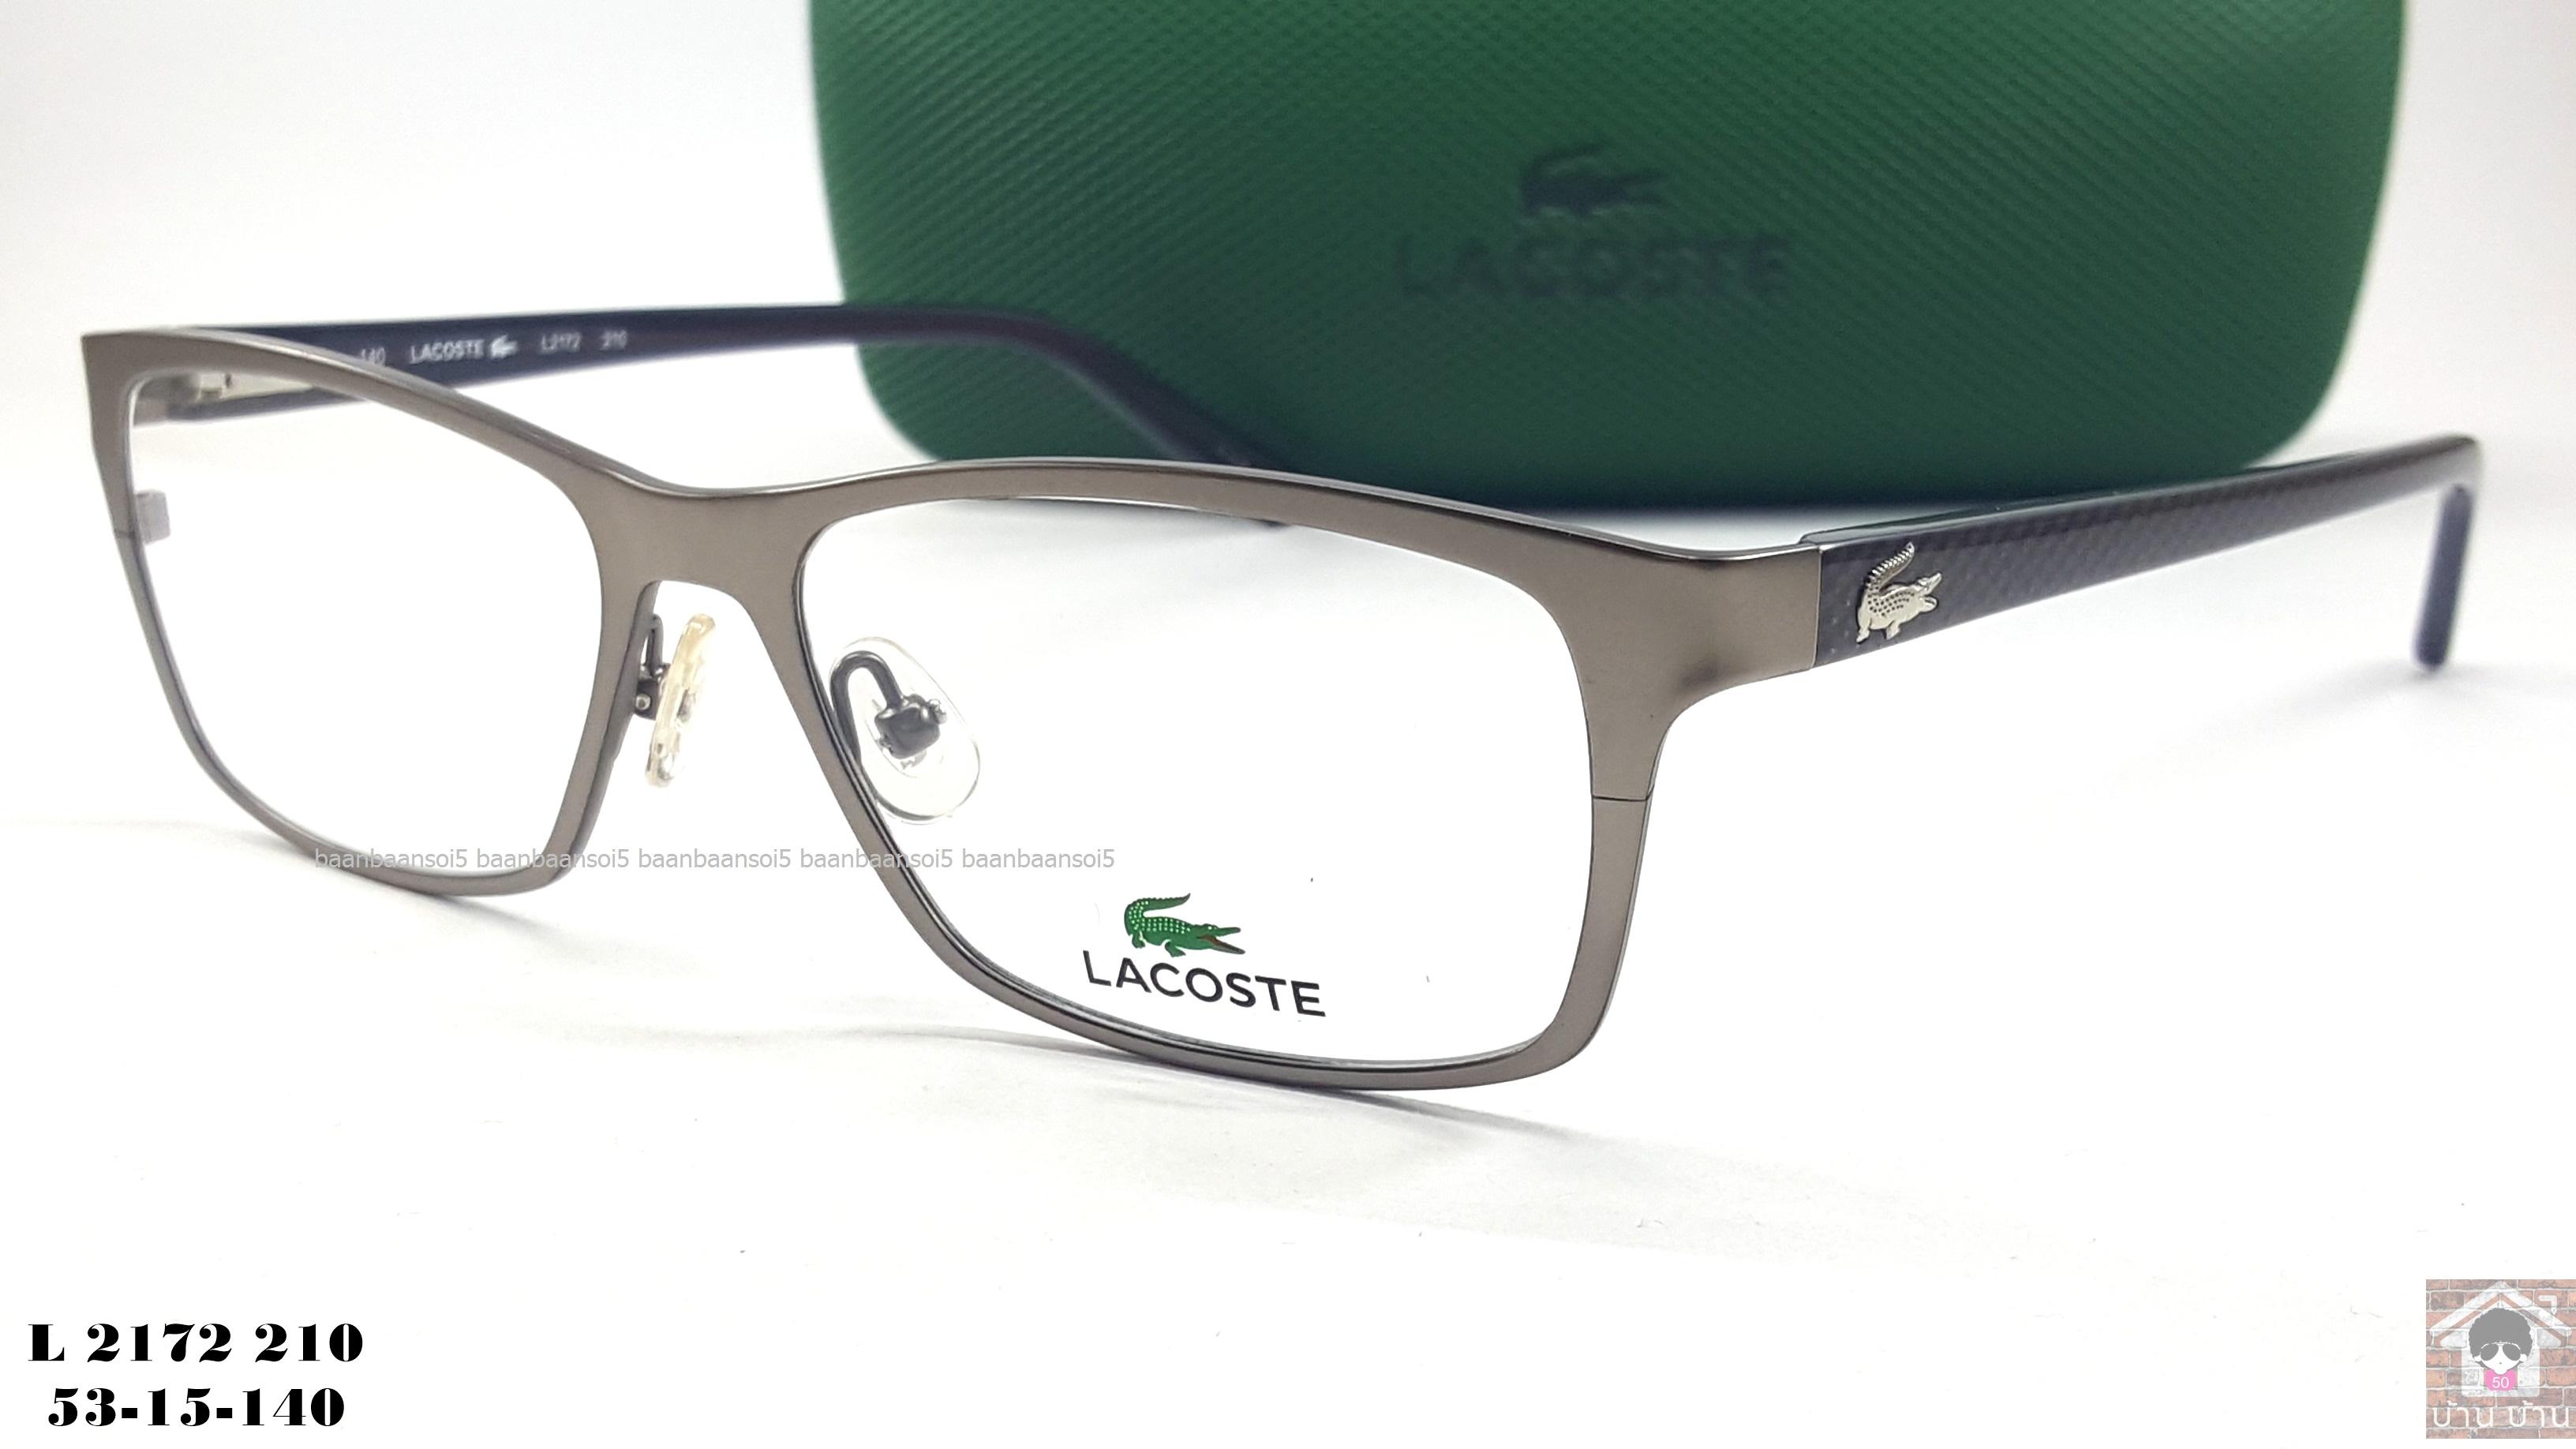 LACOSTE L2172 210 โปรโมชั่น กรอบแว่นตาพร้อมเลนส์ HOYA ราคา 3,900 บาท